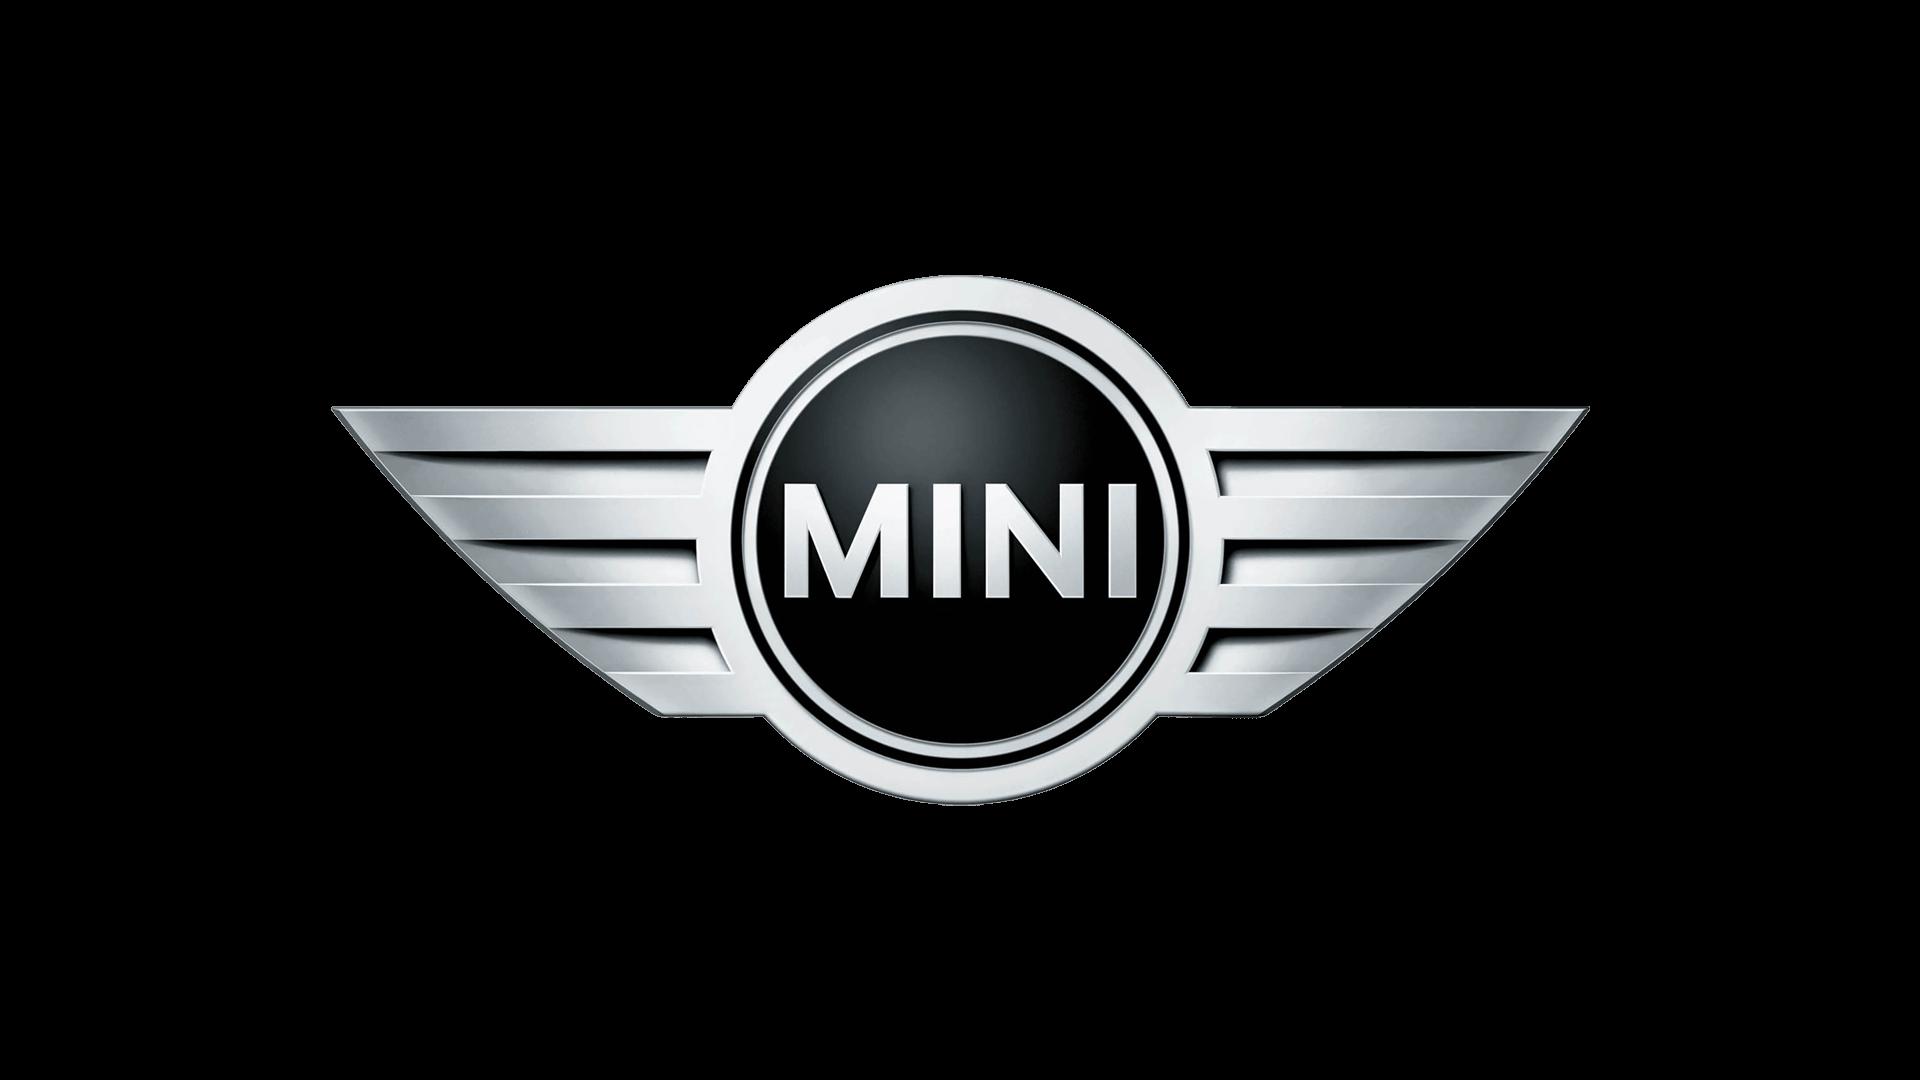 car logo mini bmw transparent png stickpng